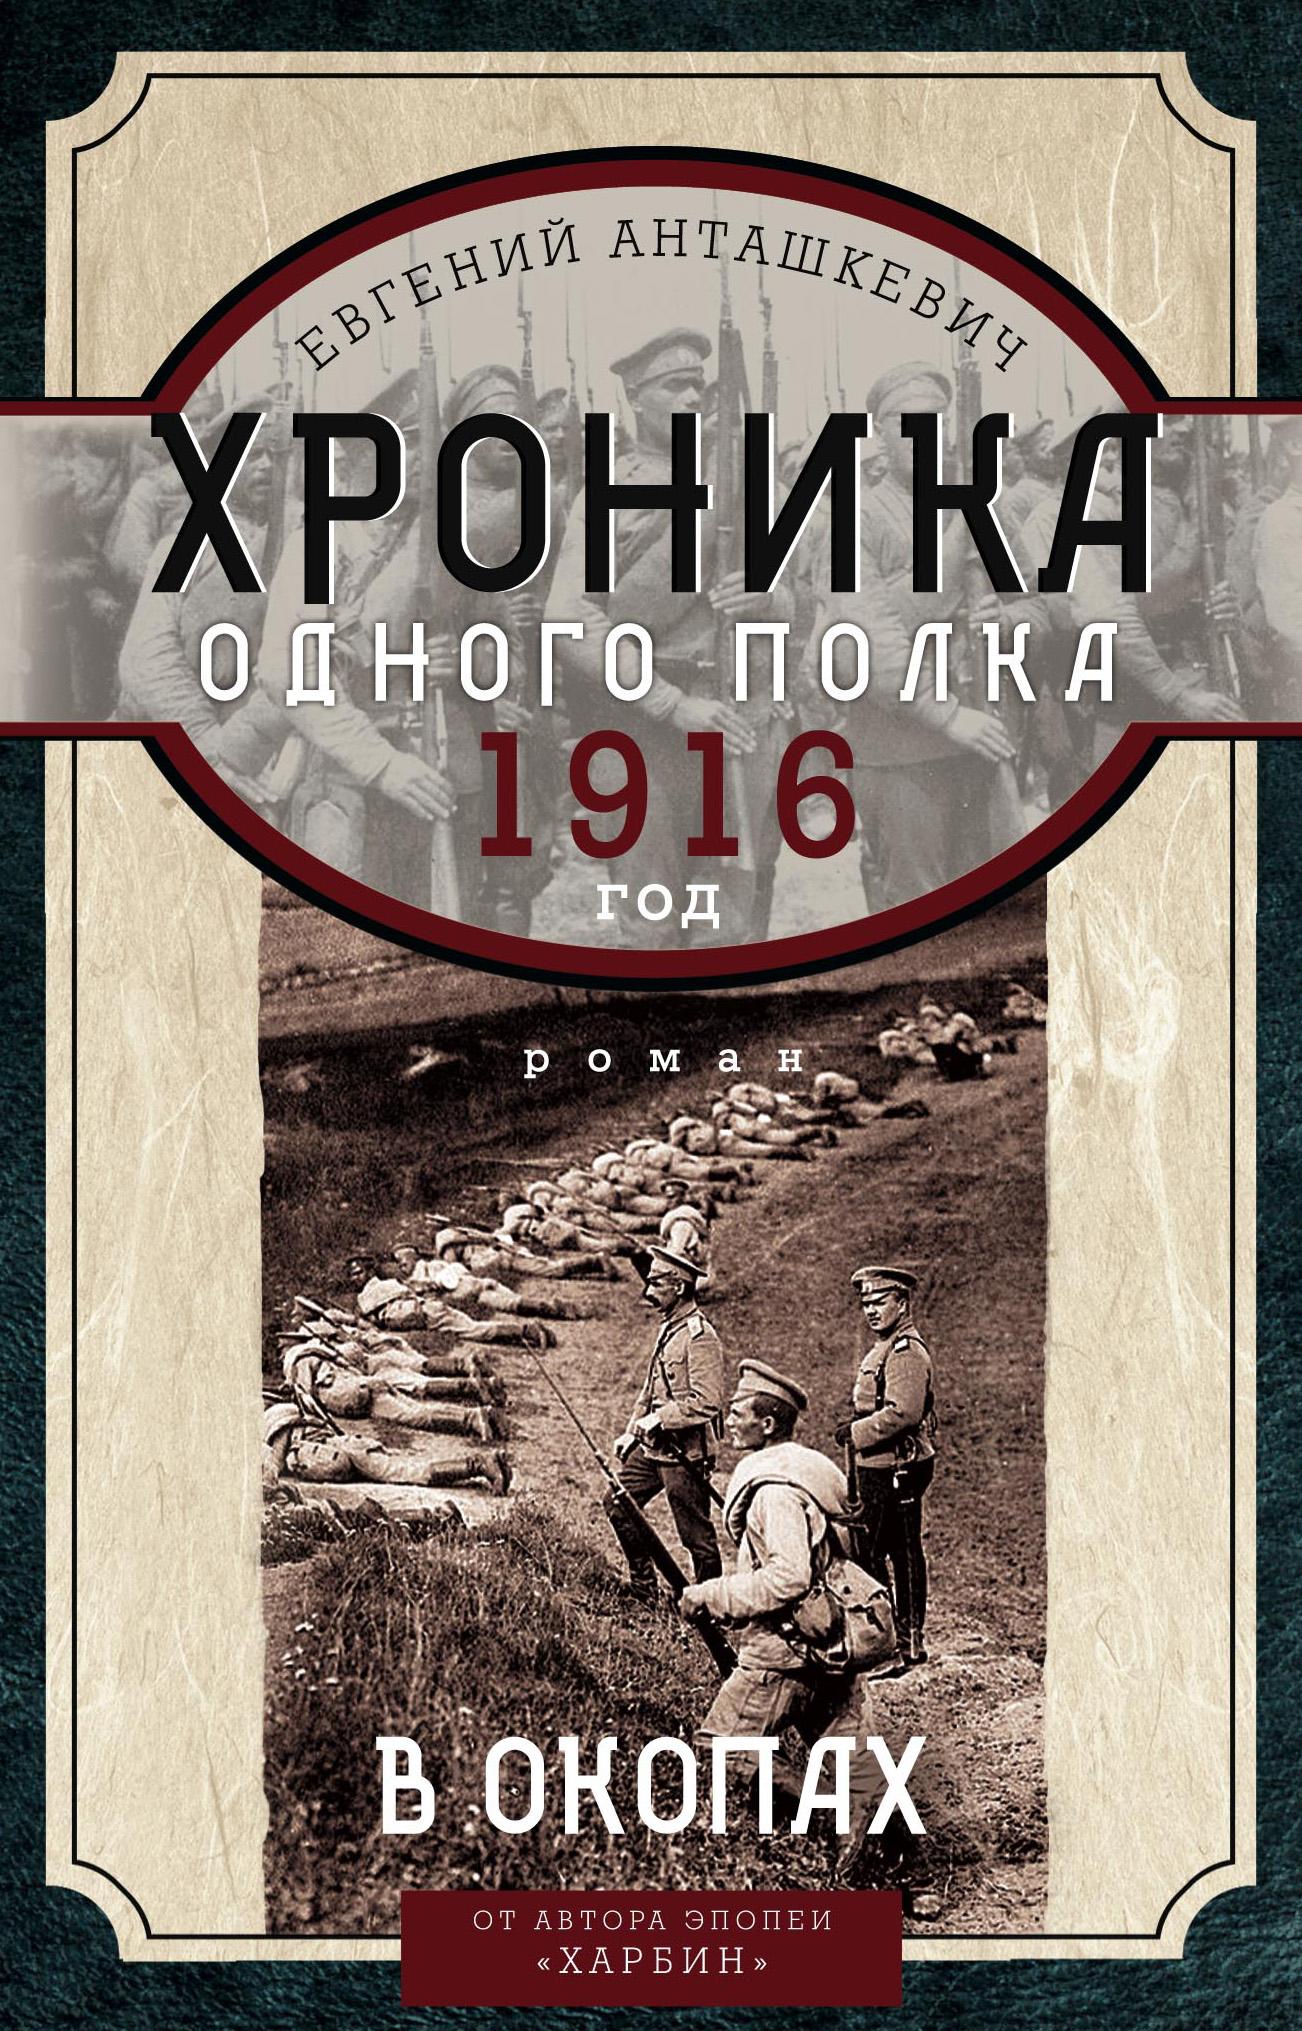 Евгений Анташкевич Хроника одного полка. 1916 год. В окопах анташкевич е в окопах 1916 год хроника одного полка